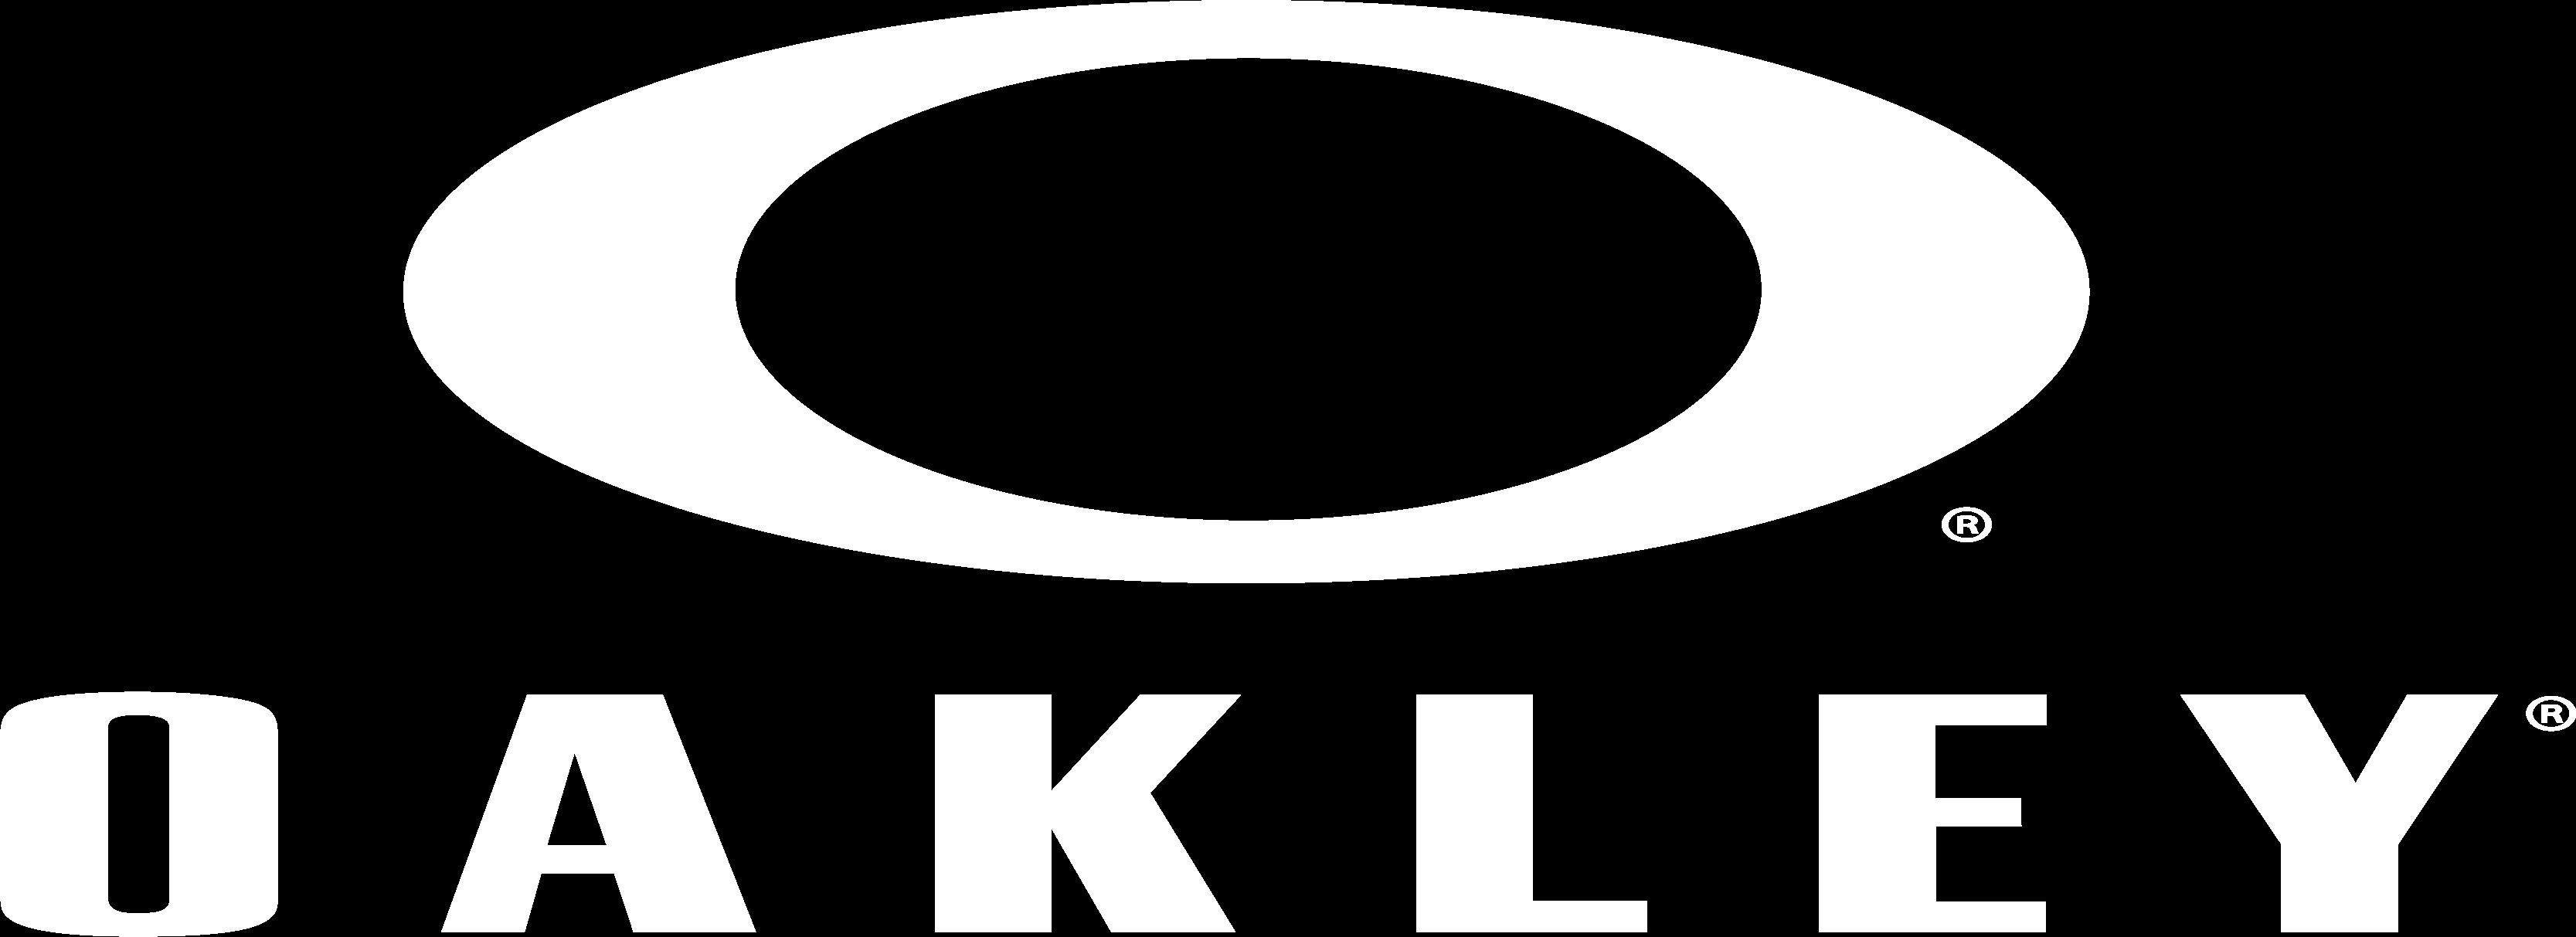 Oakley Oakley Sunglasses Logo Full Size Png Download Seekpng